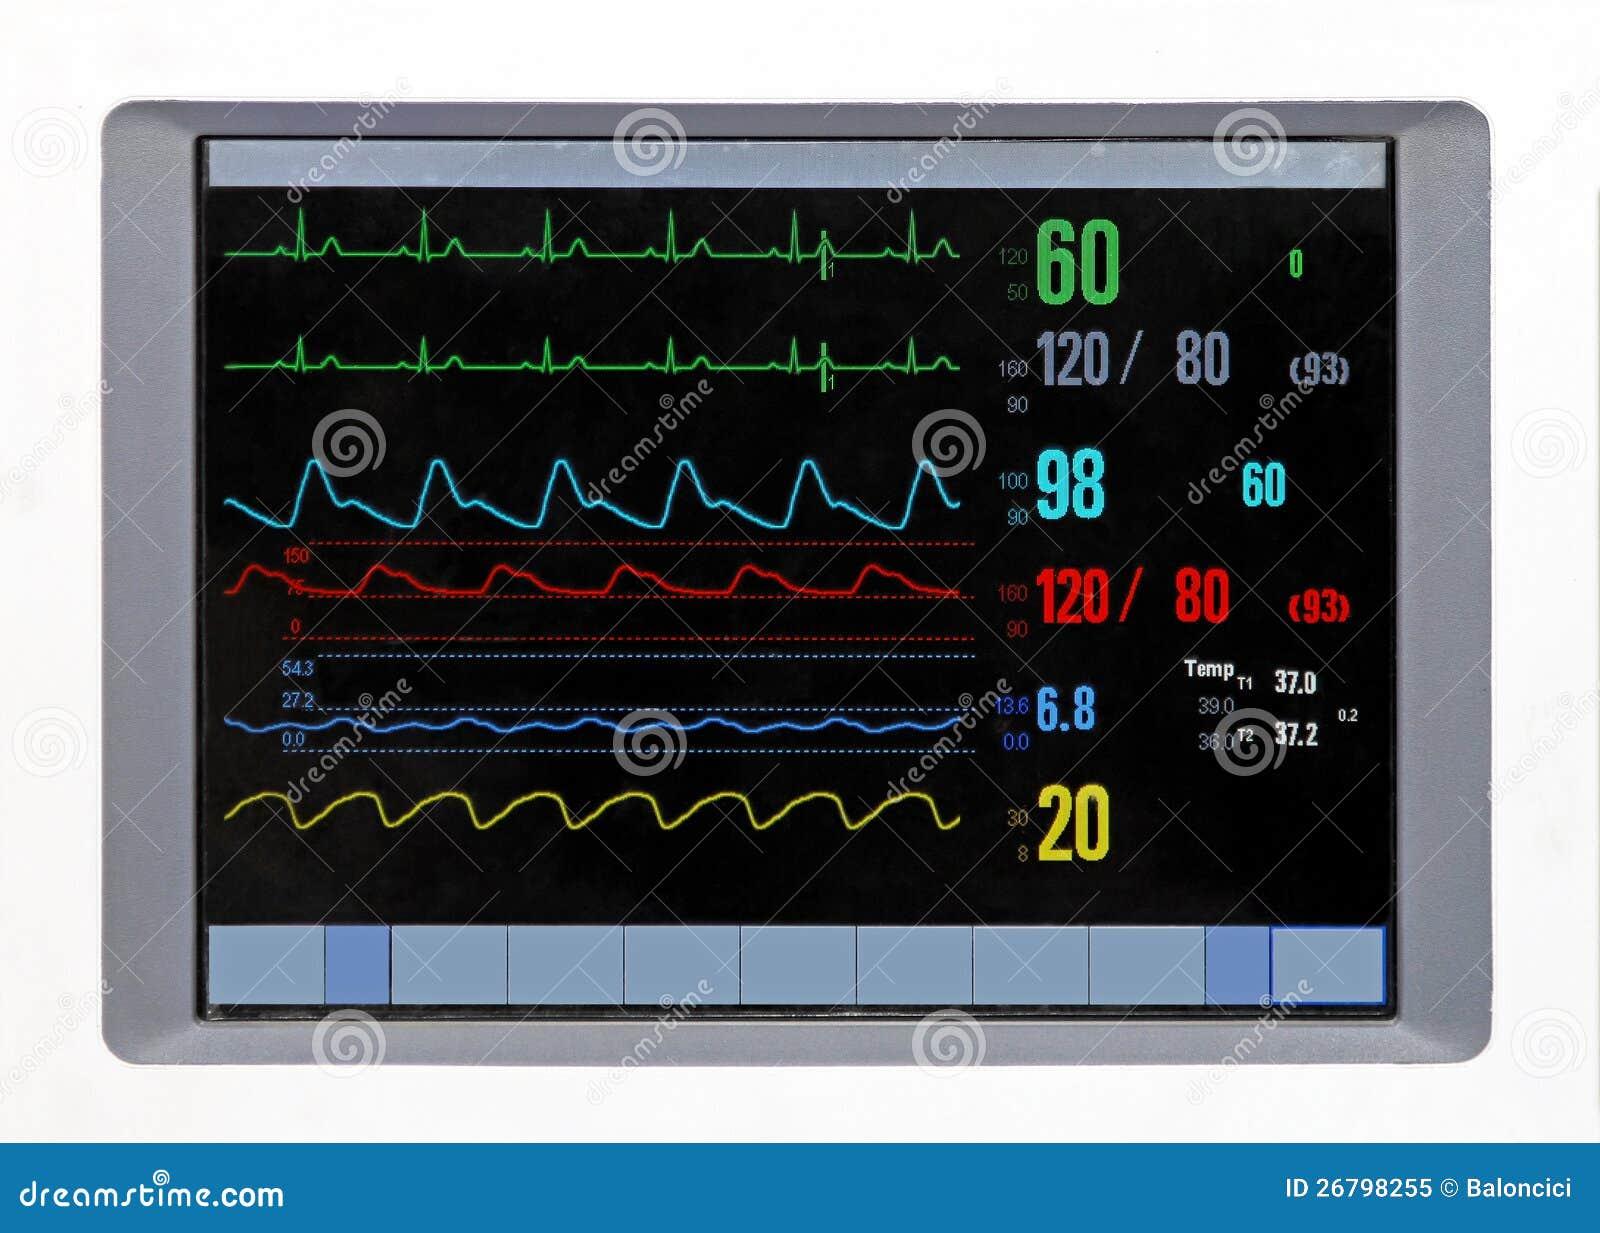 heart monitor stock image image of equipment  cardiology ekg vectors explained ekg vector srca objasnjenje